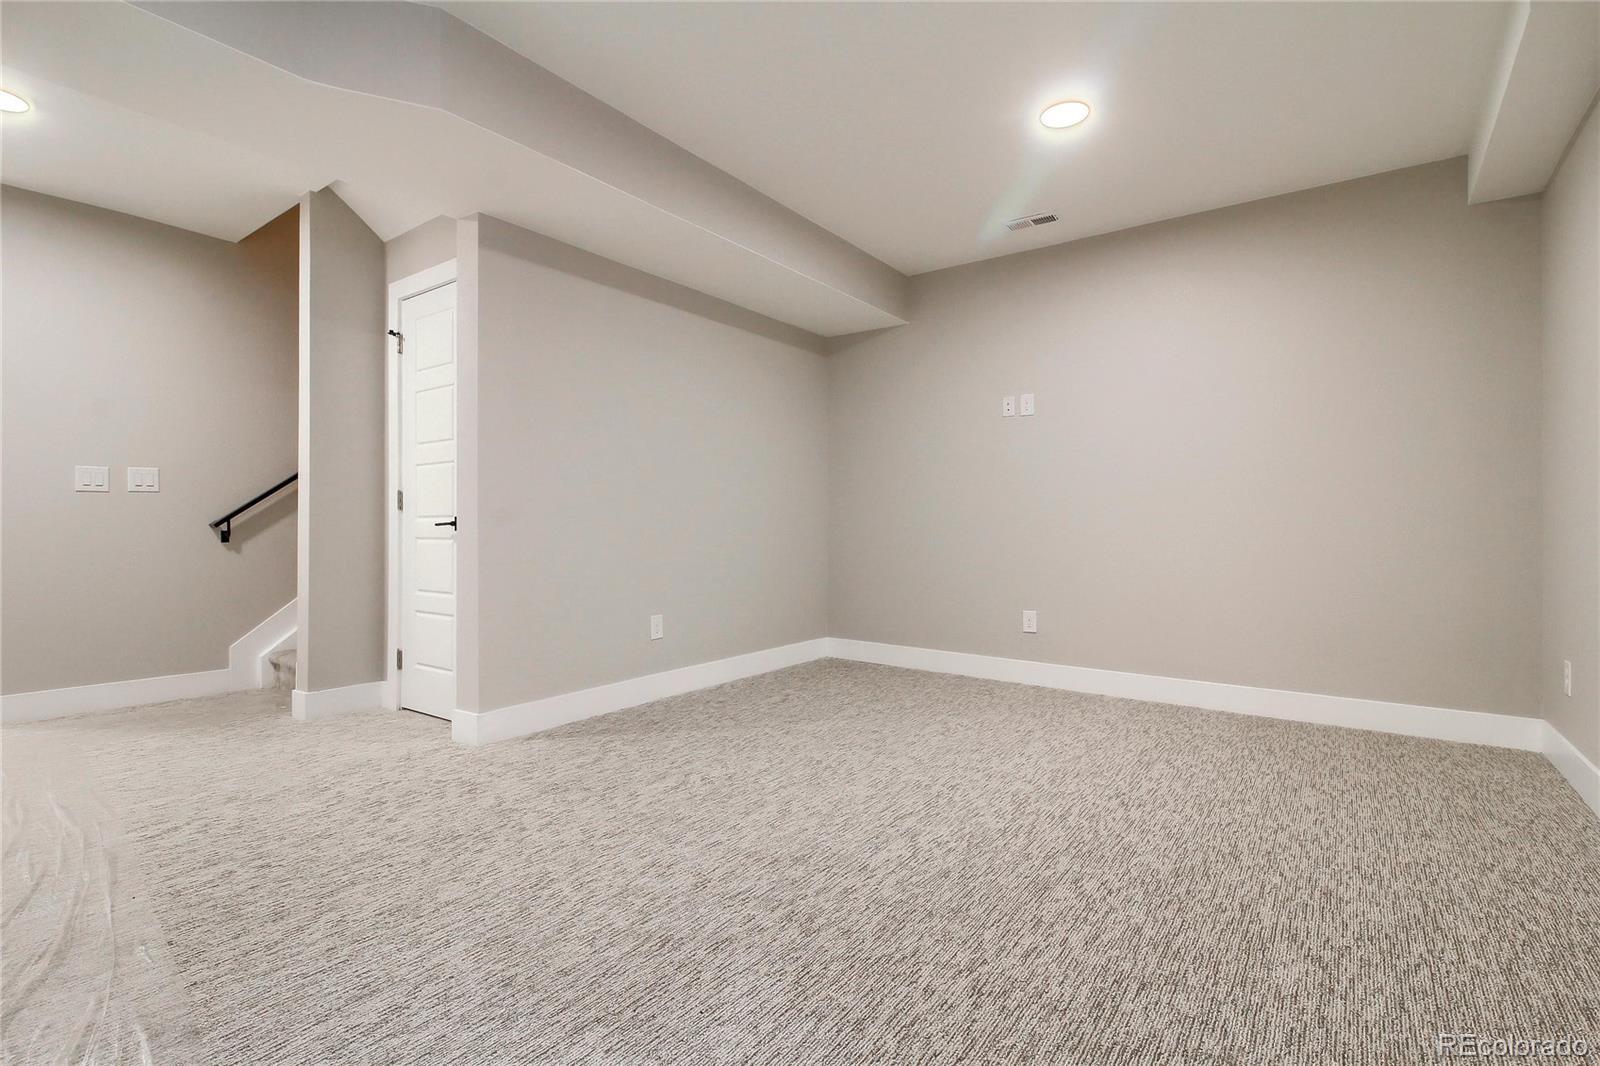 MLS# 8101854 - 36 - 5254 N Eliot Street, Denver, CO 80221